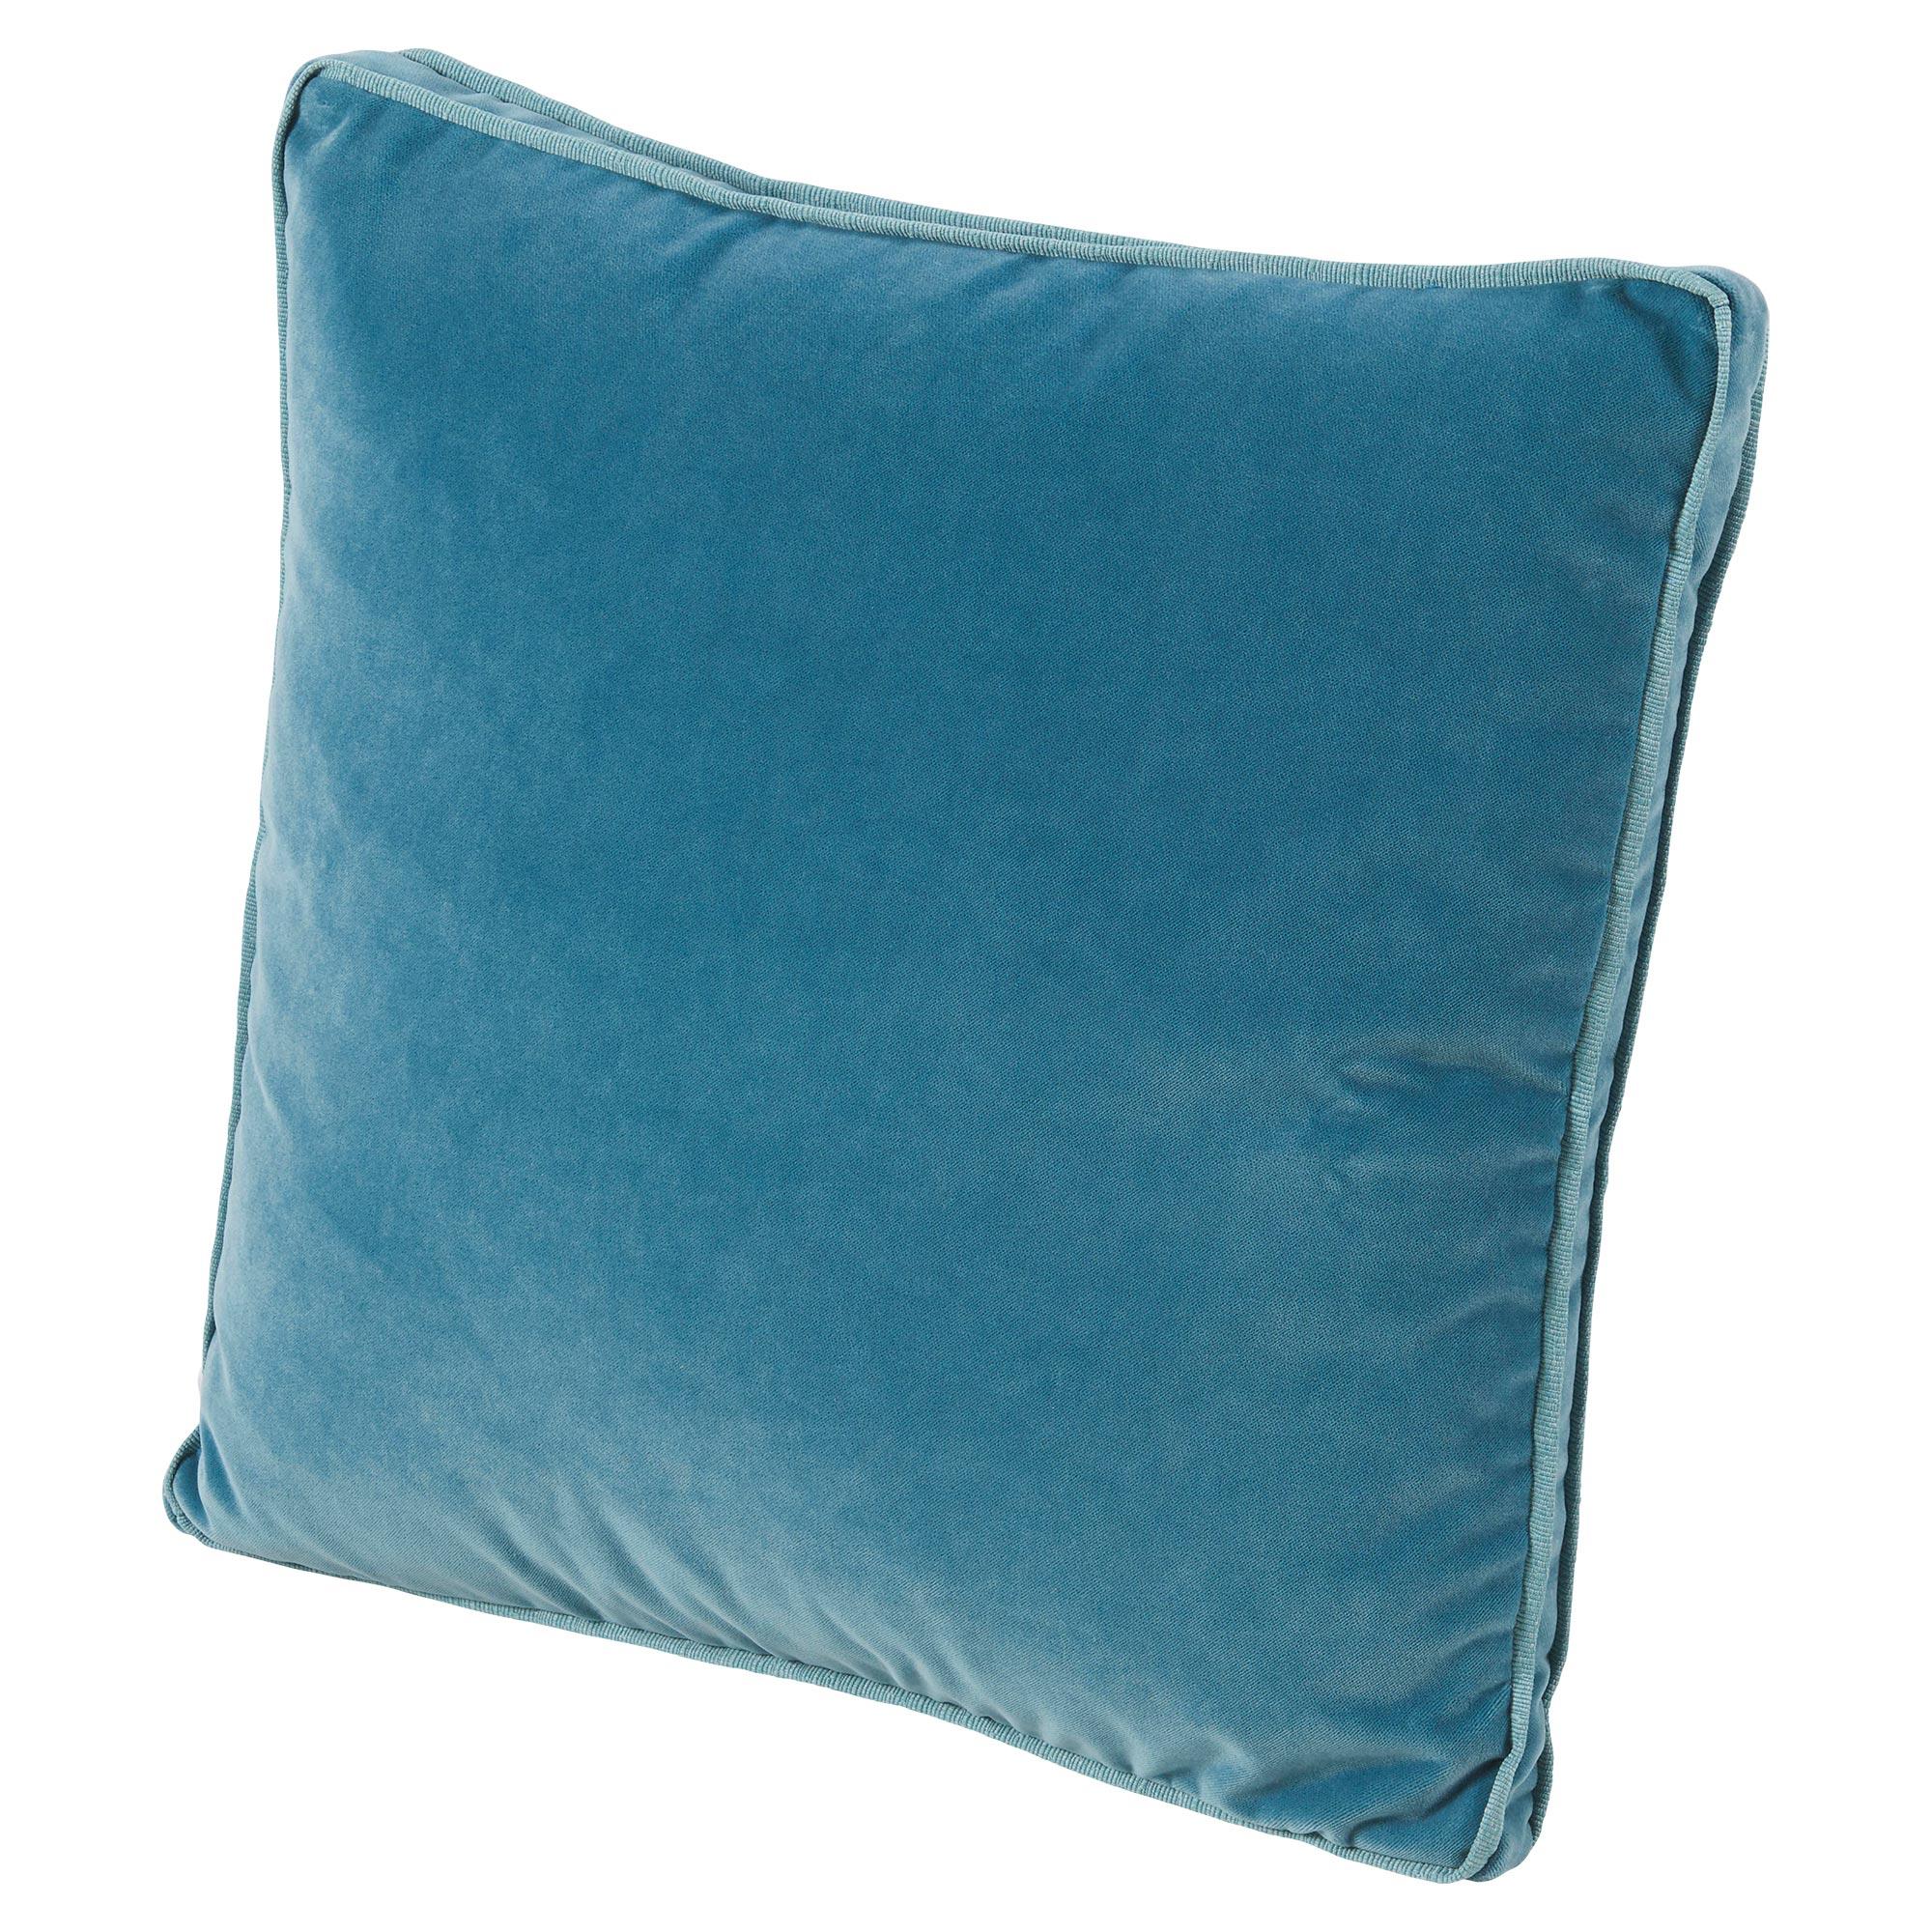 Tildy Classic Ocean Blue Velvet Pillow - 22x22